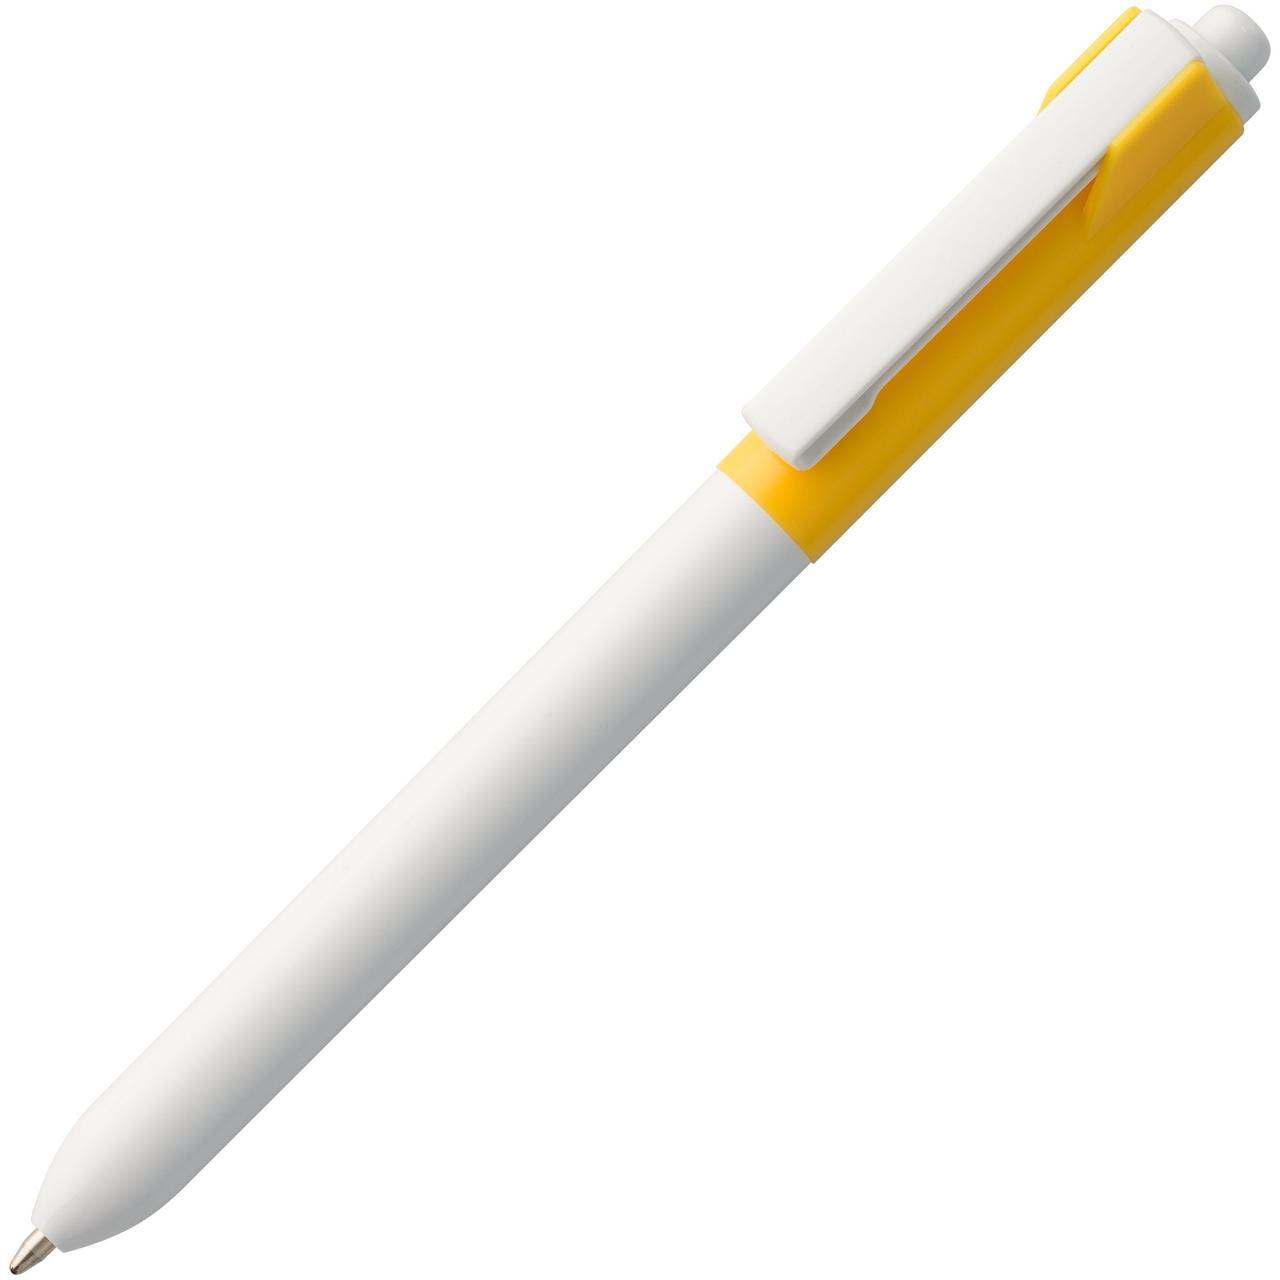 Ручка шариковая Hint Special, белая с желтым